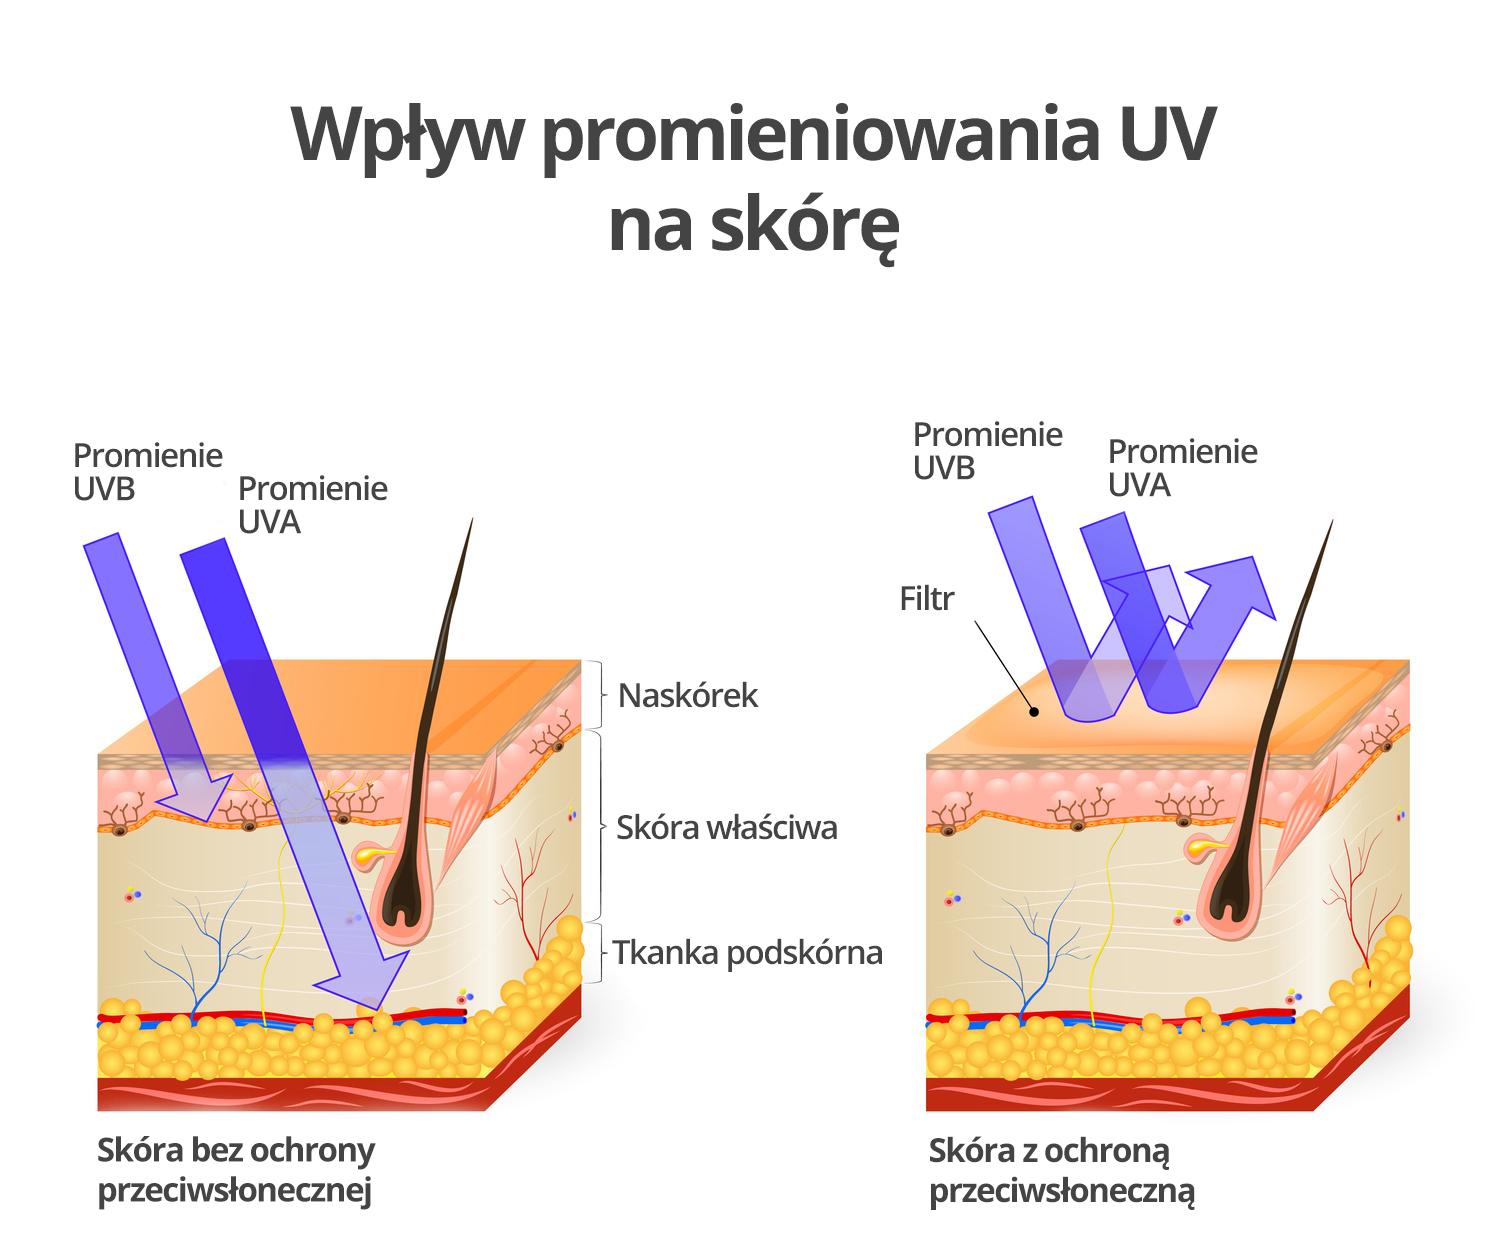 medycyna estetyczna - promieniowanie UV